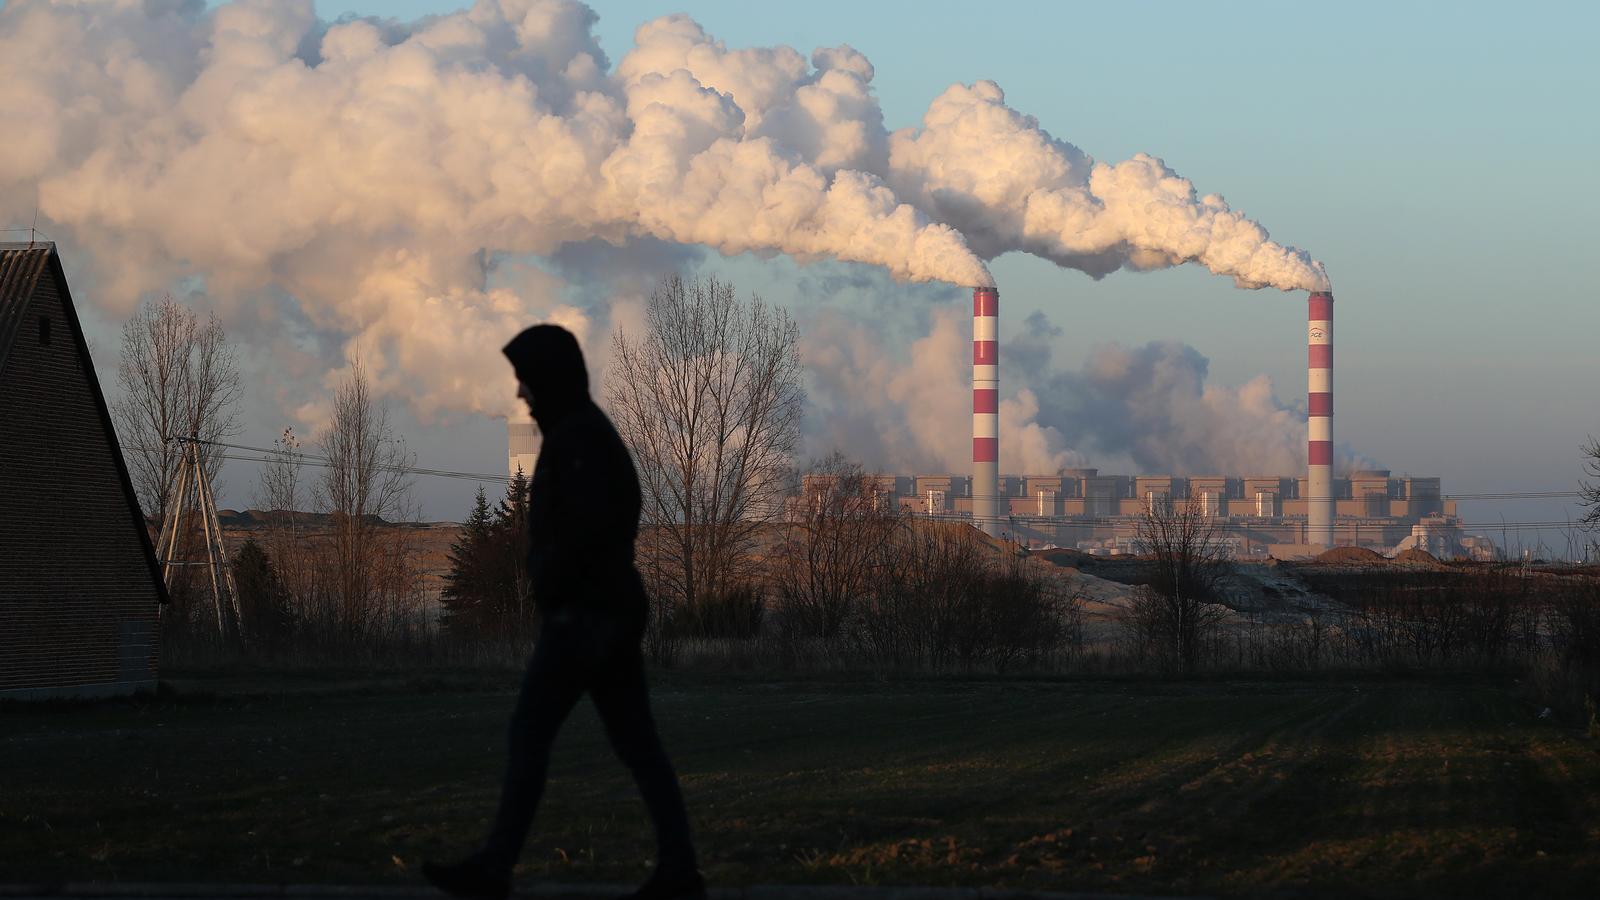 Les emissions diàries de CO2 van baixar fins a un 26% en el pic del confinament